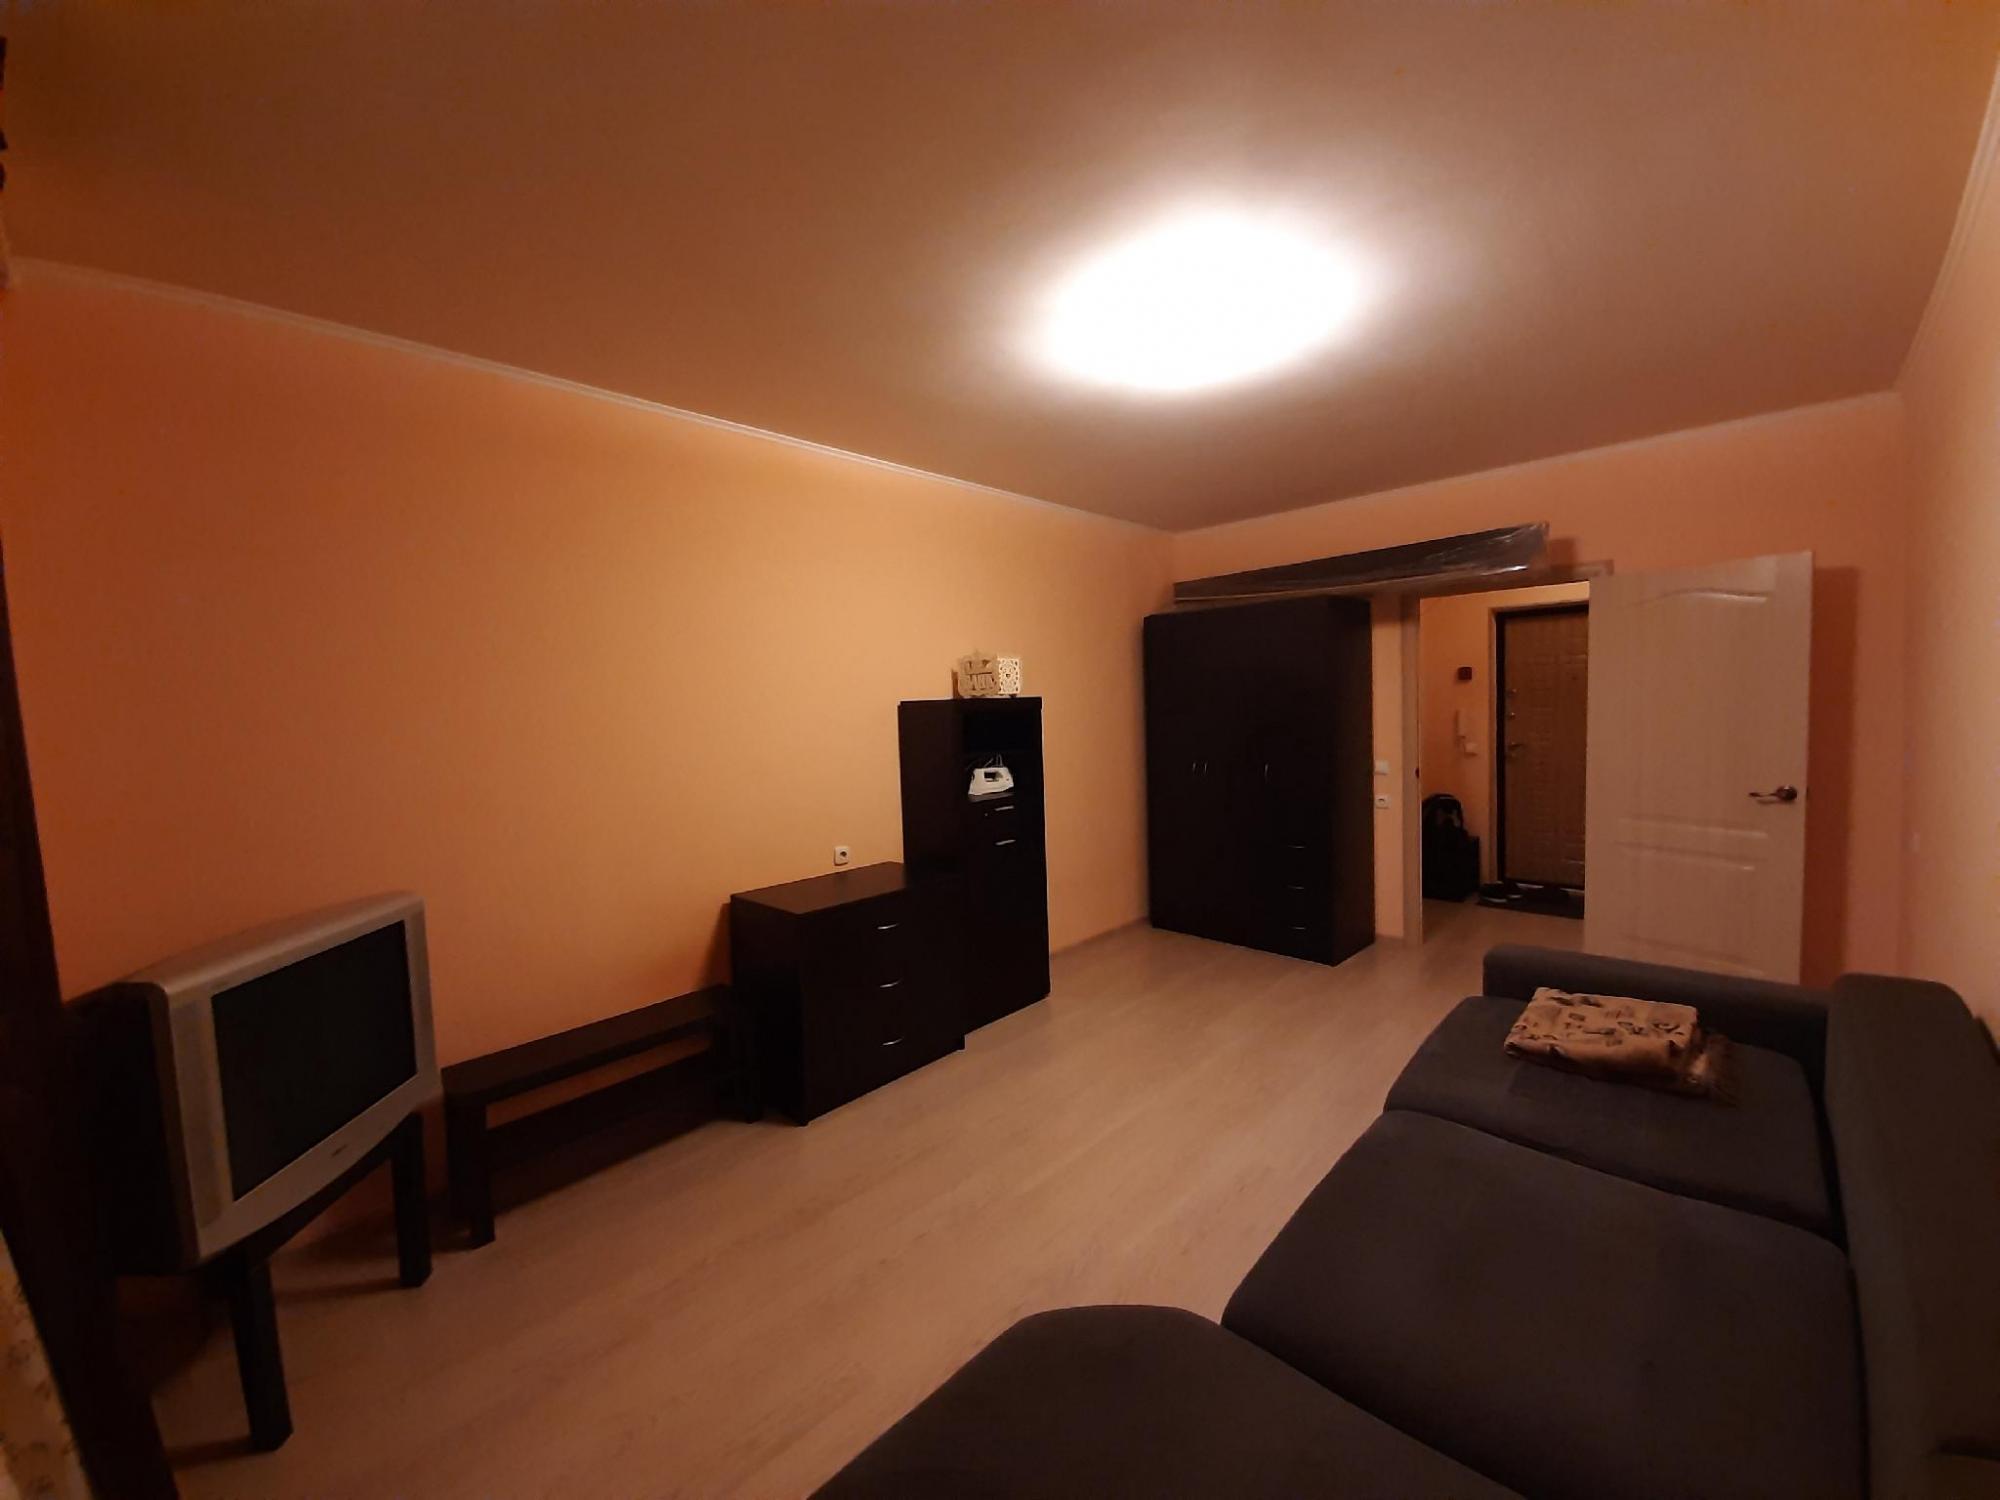 Квартира, 1 комната, 43 м² в Балашихе 74955055051 купить 3